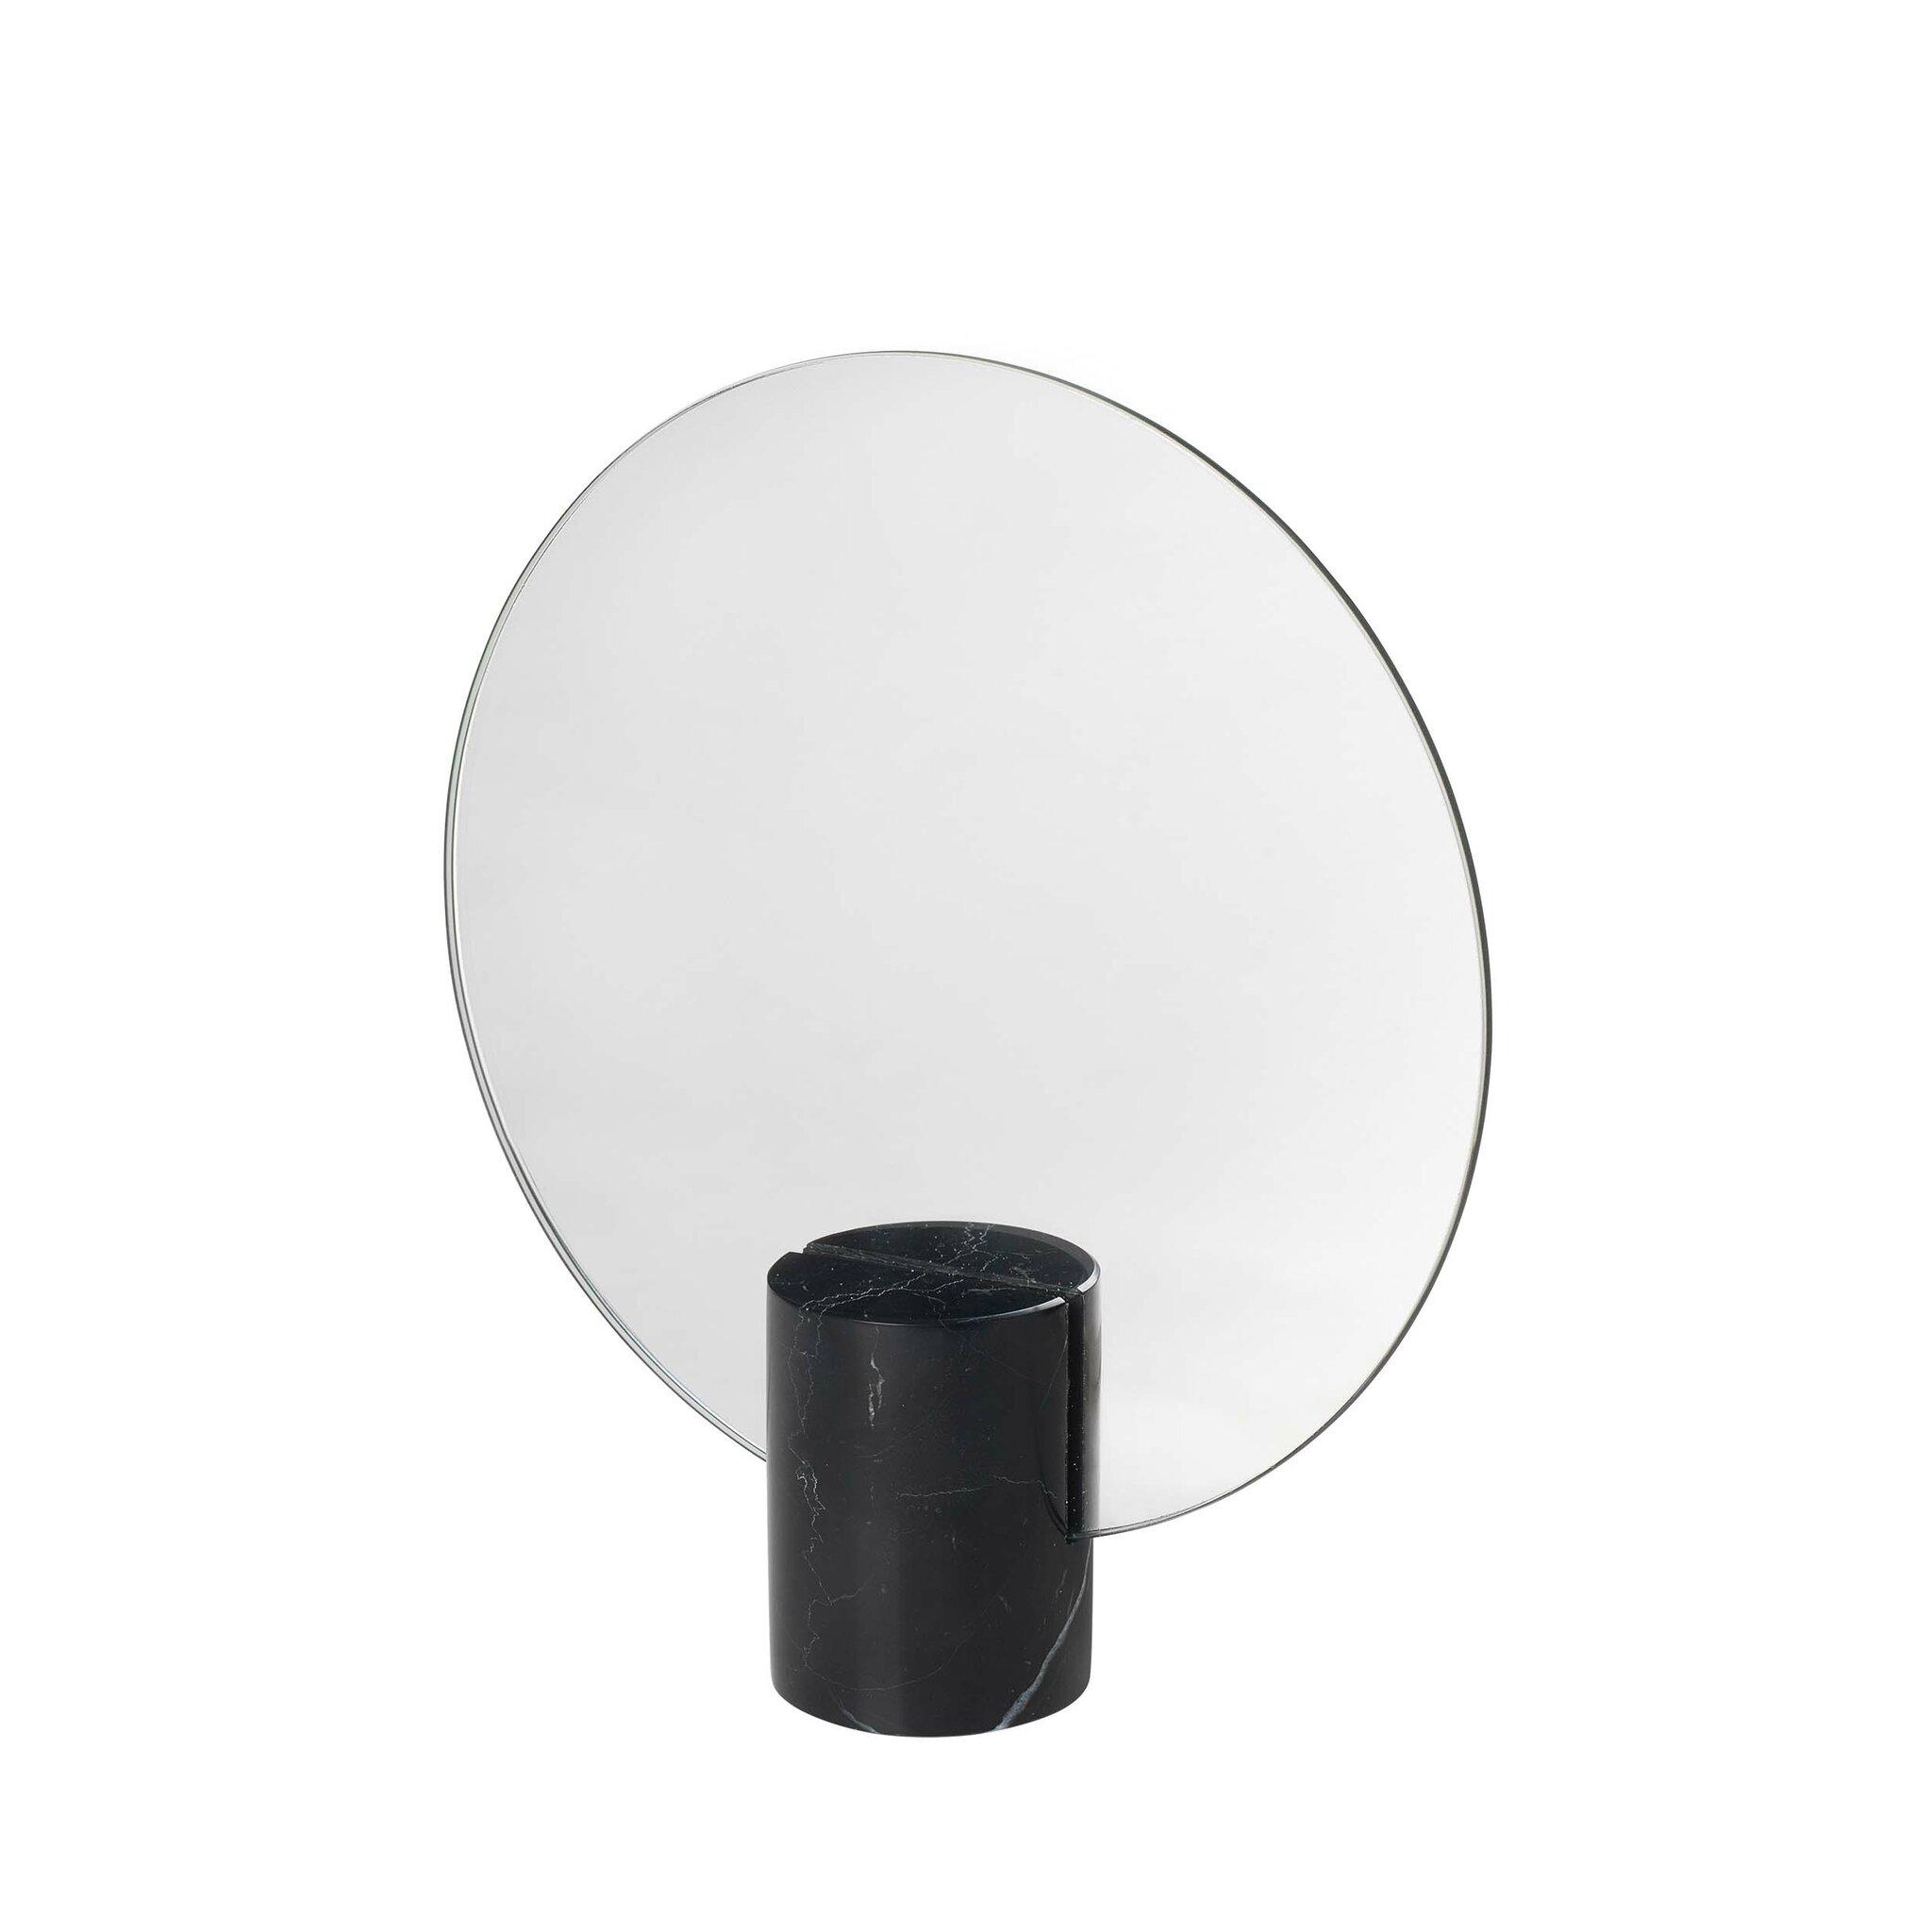 PESA Spegel, Marmor